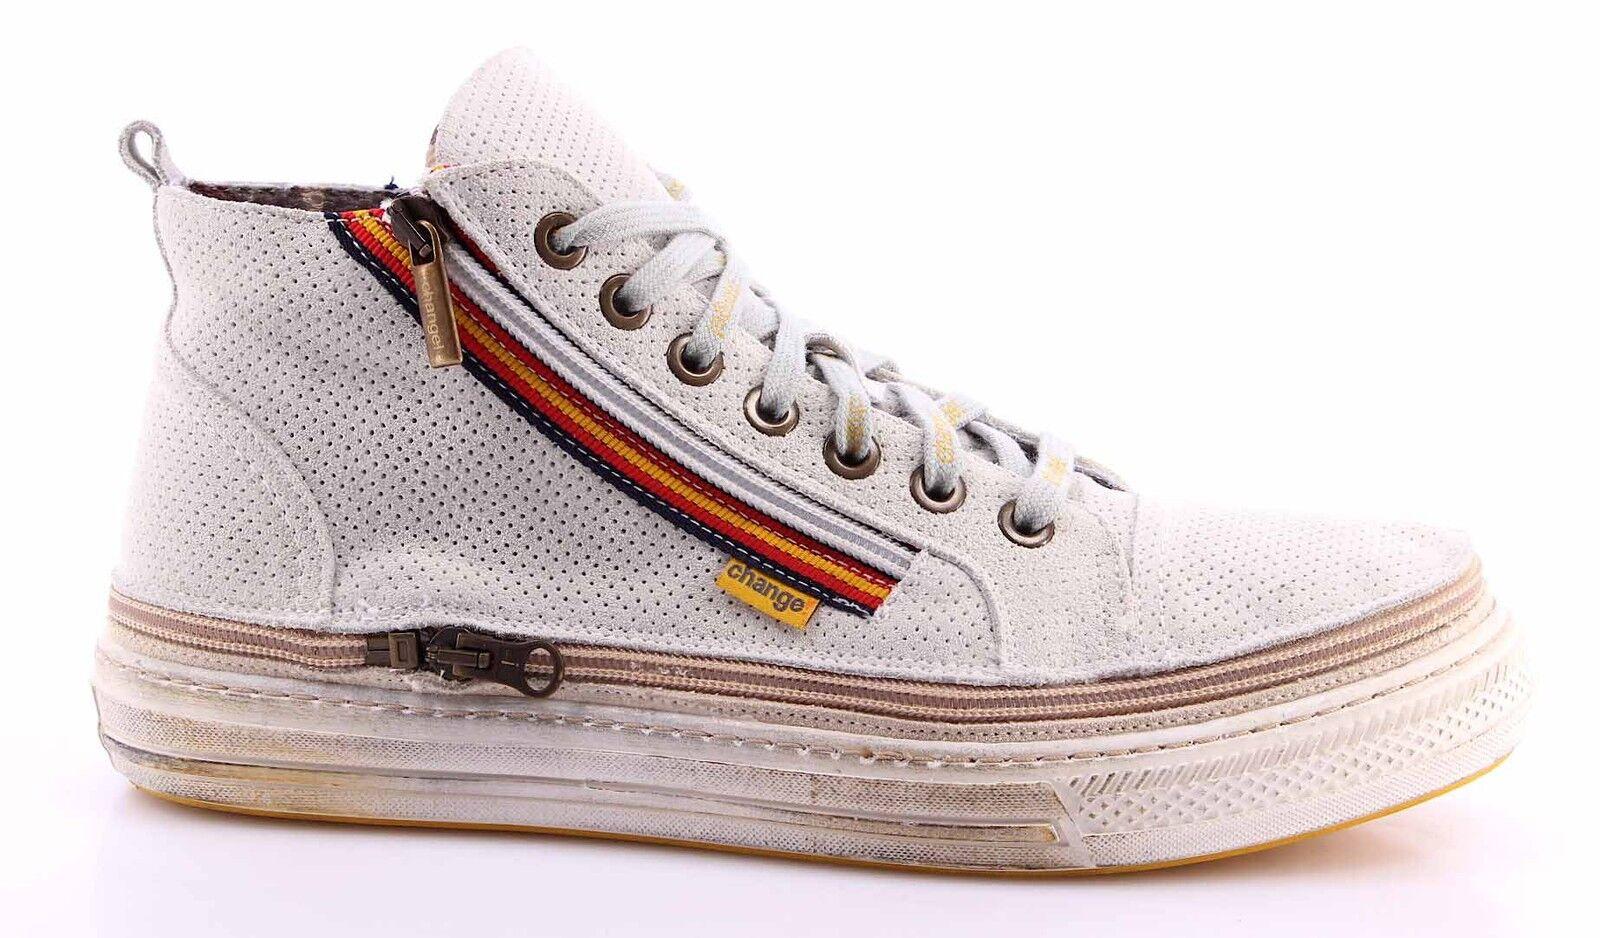 zapatos zapatillas Alte hombres CHANGE  KeysM Punz Cr Al 3 Pelle Bianco Made In